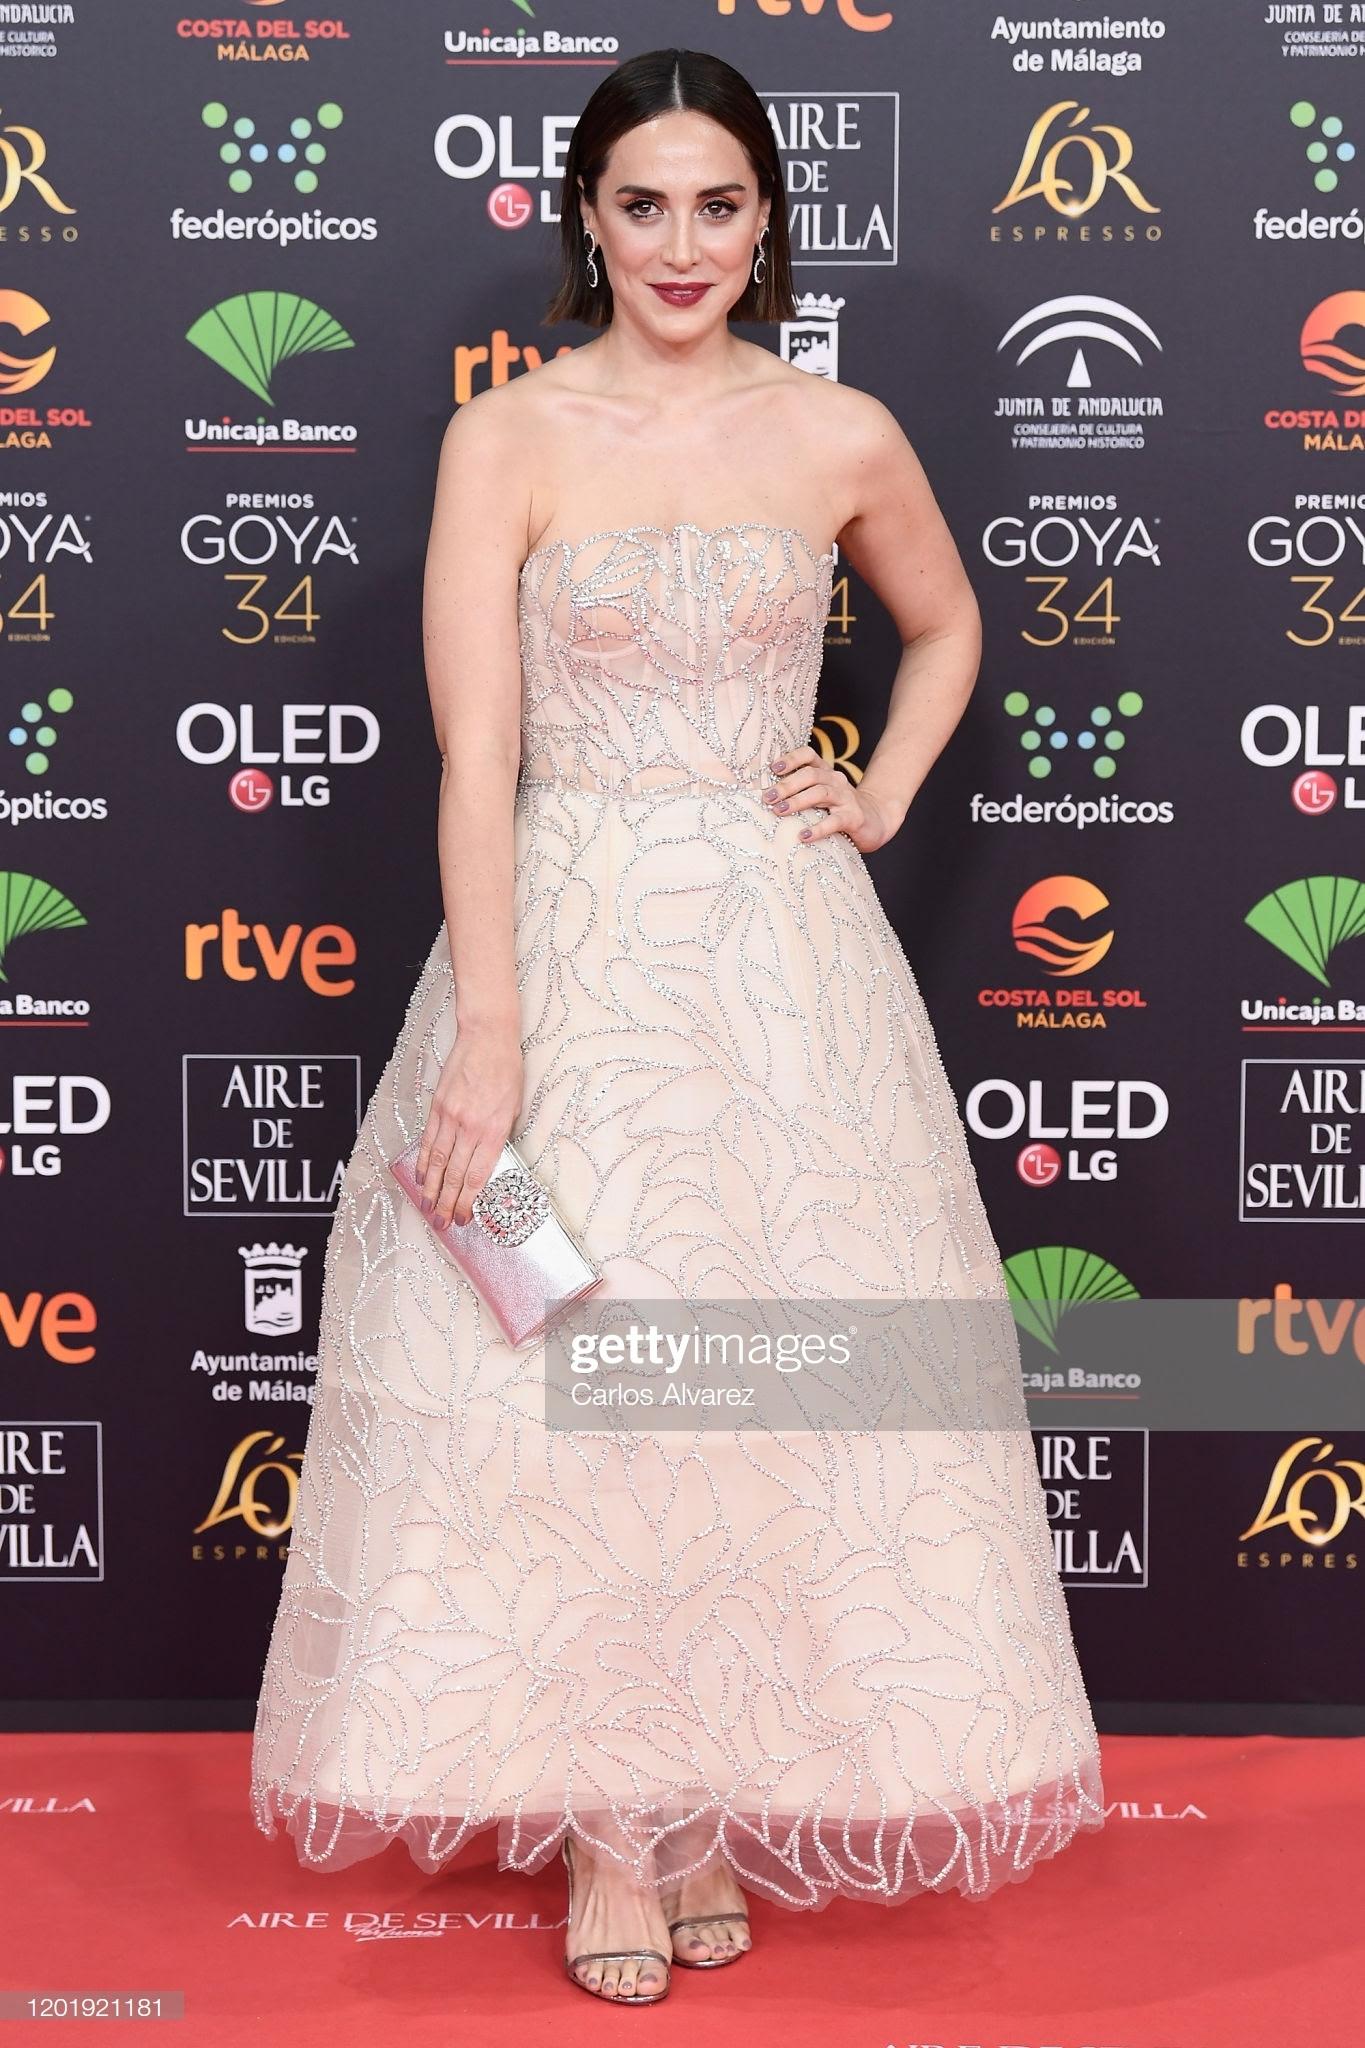 775a92d9 2913 40fb 913f 3de2966c8e6d - Premios Goya 2020 : Looks de todas las celebrities que lucieron  marcas de Replica